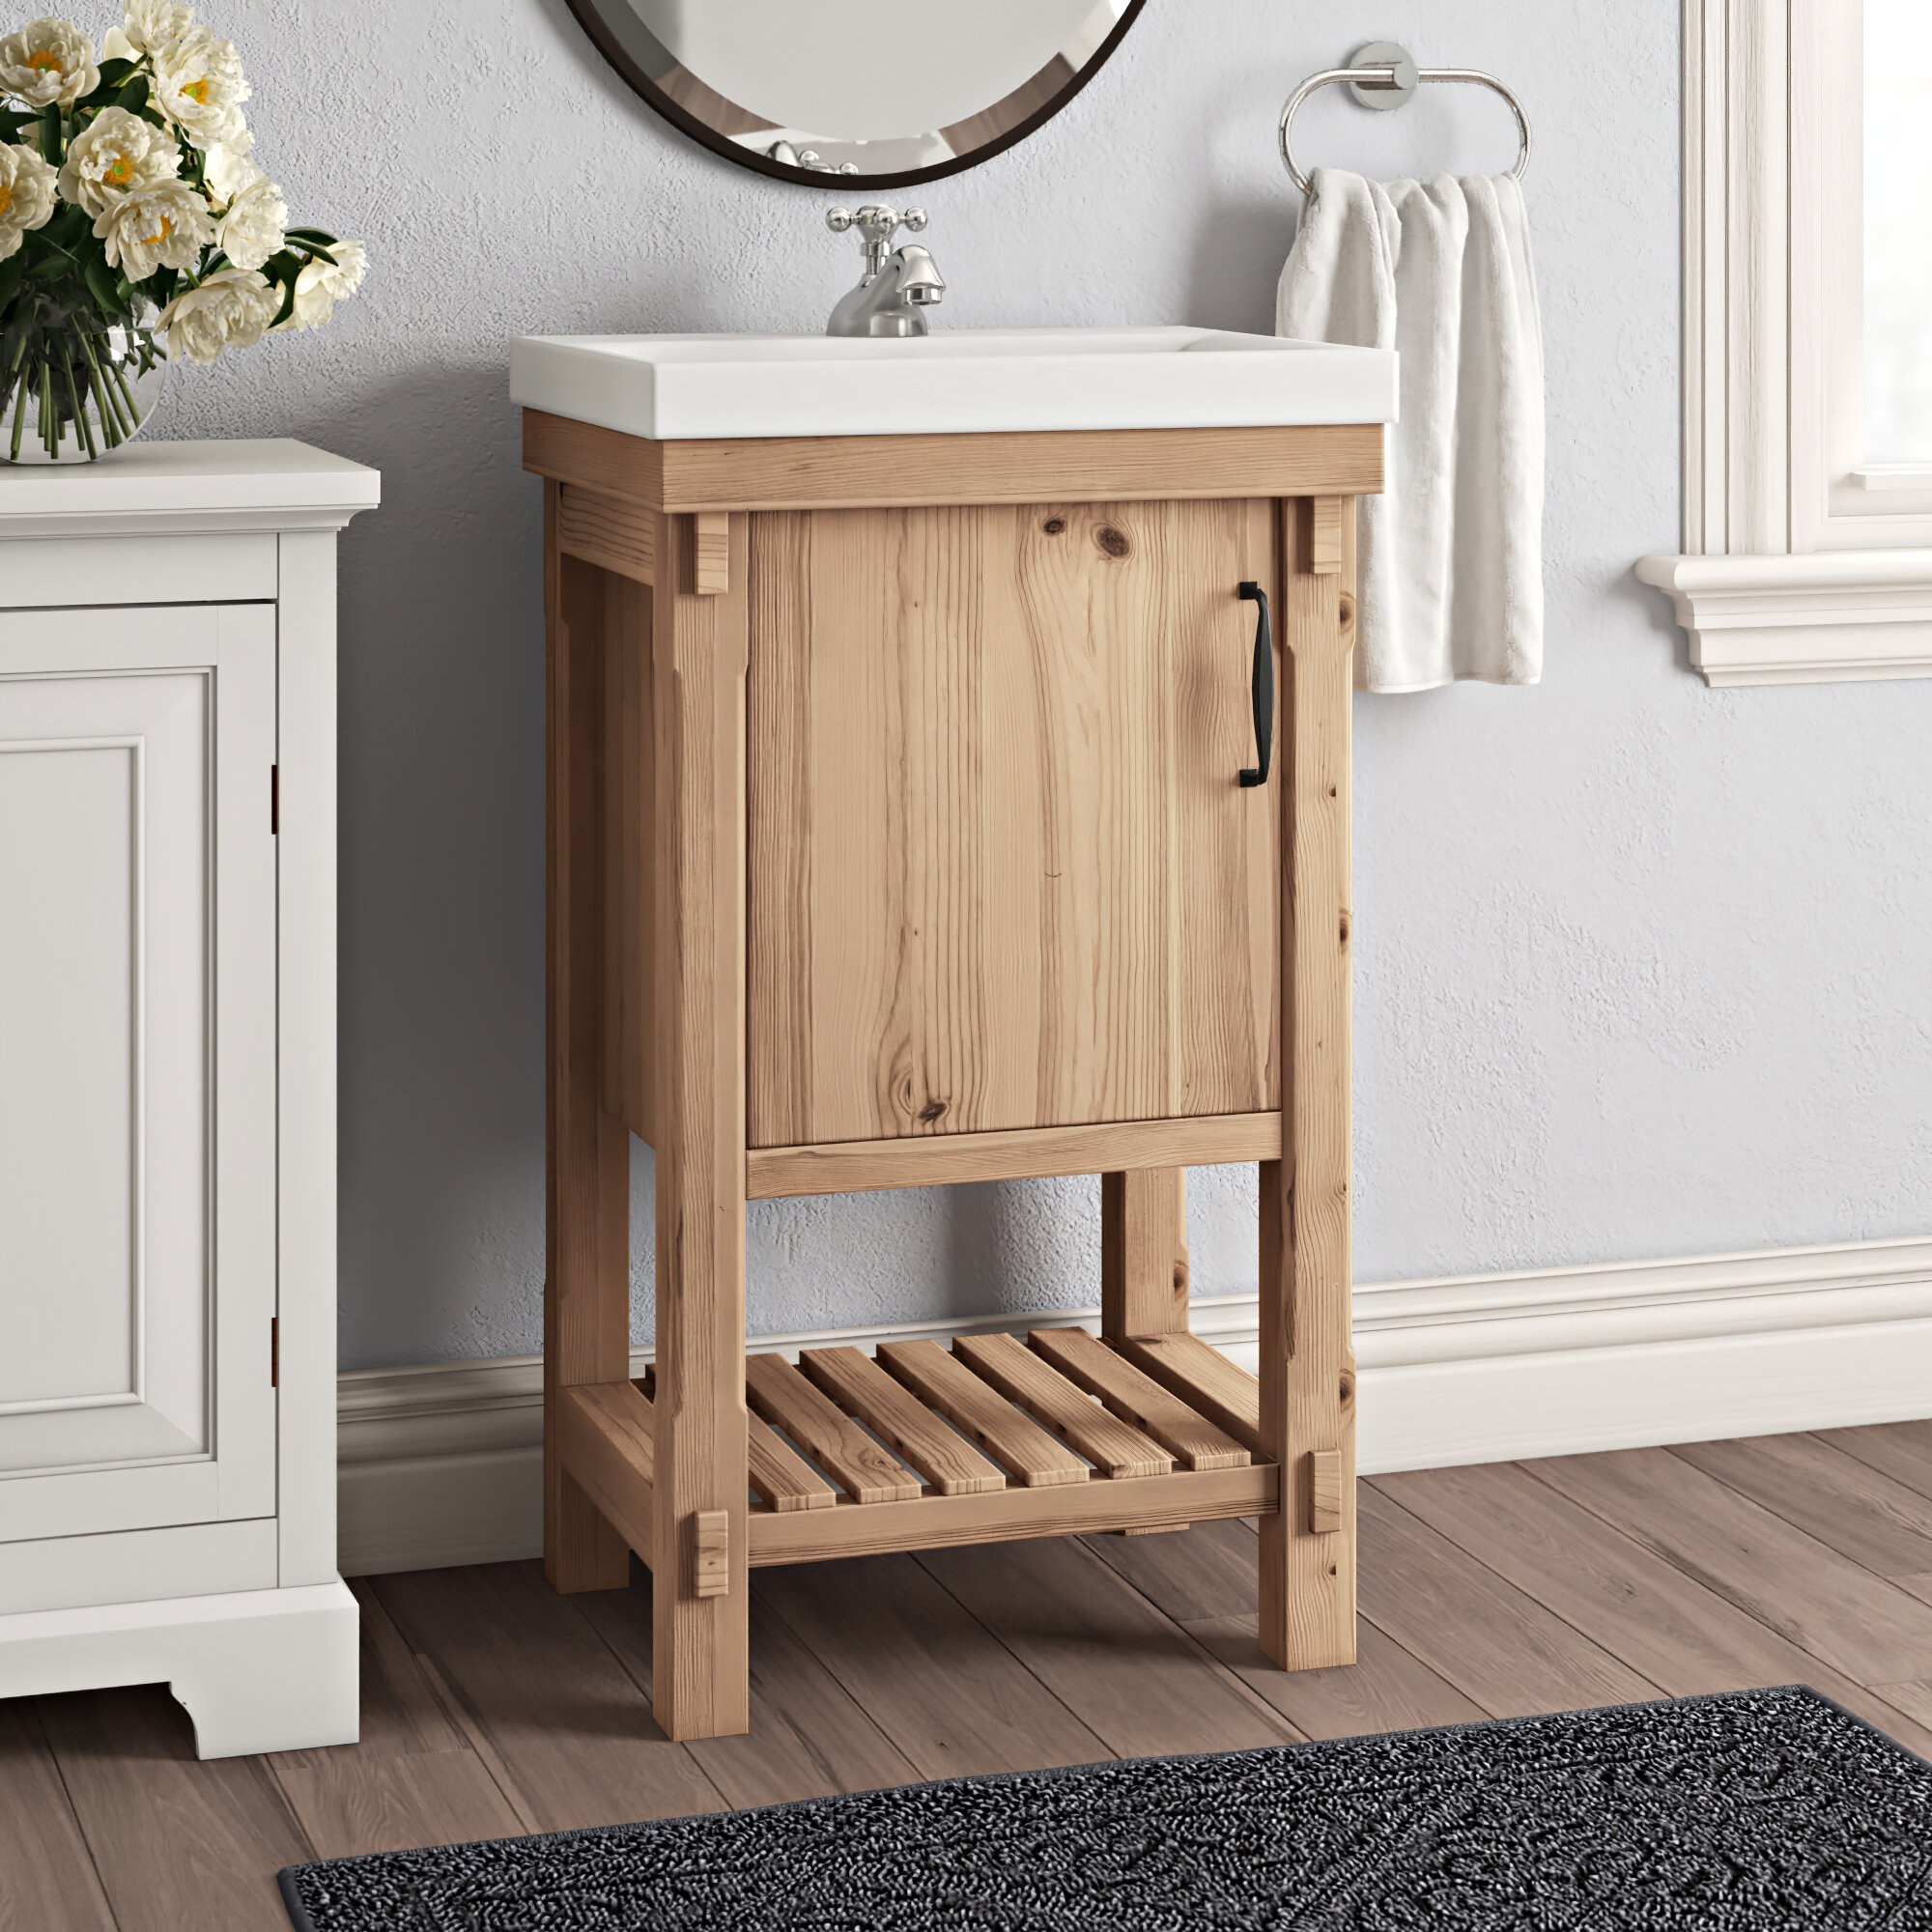 Solid Wood Bathroom Vanities You Ll Love In 2021 Wayfair